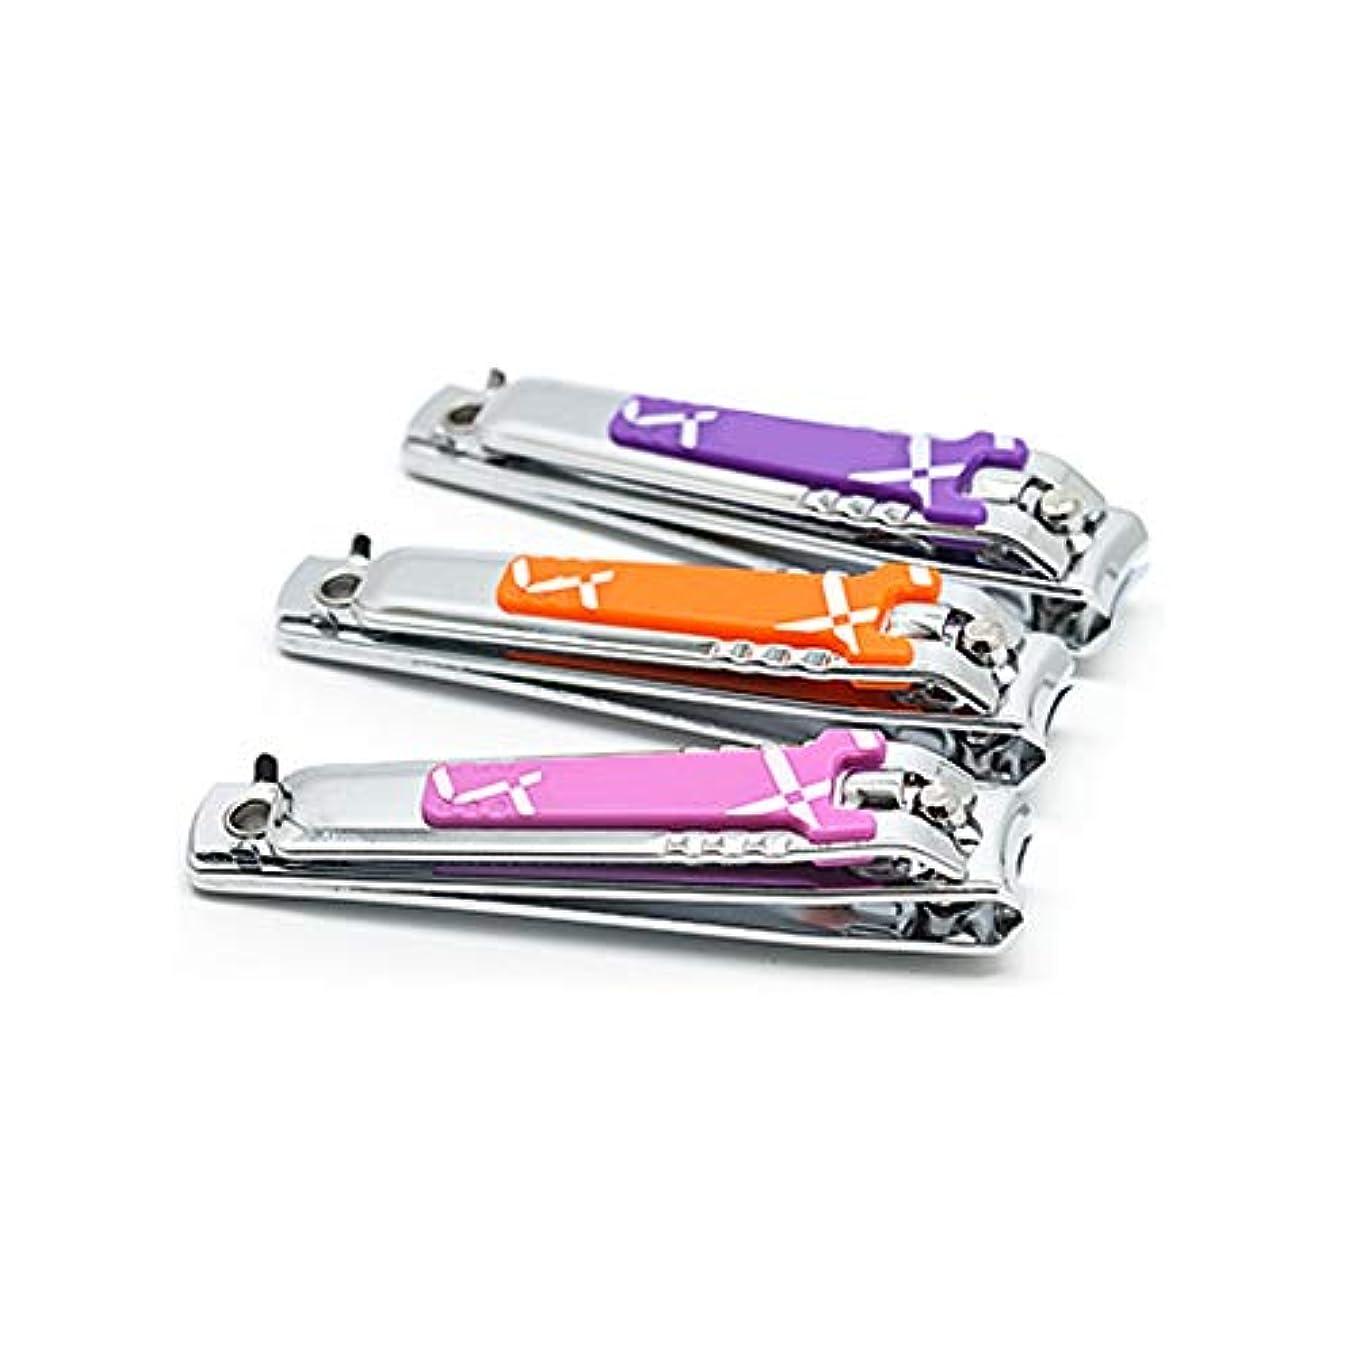 リッチショットねばねばステンレス爪切り携帯便利男女兼用 爪切りセット、ランダムな色